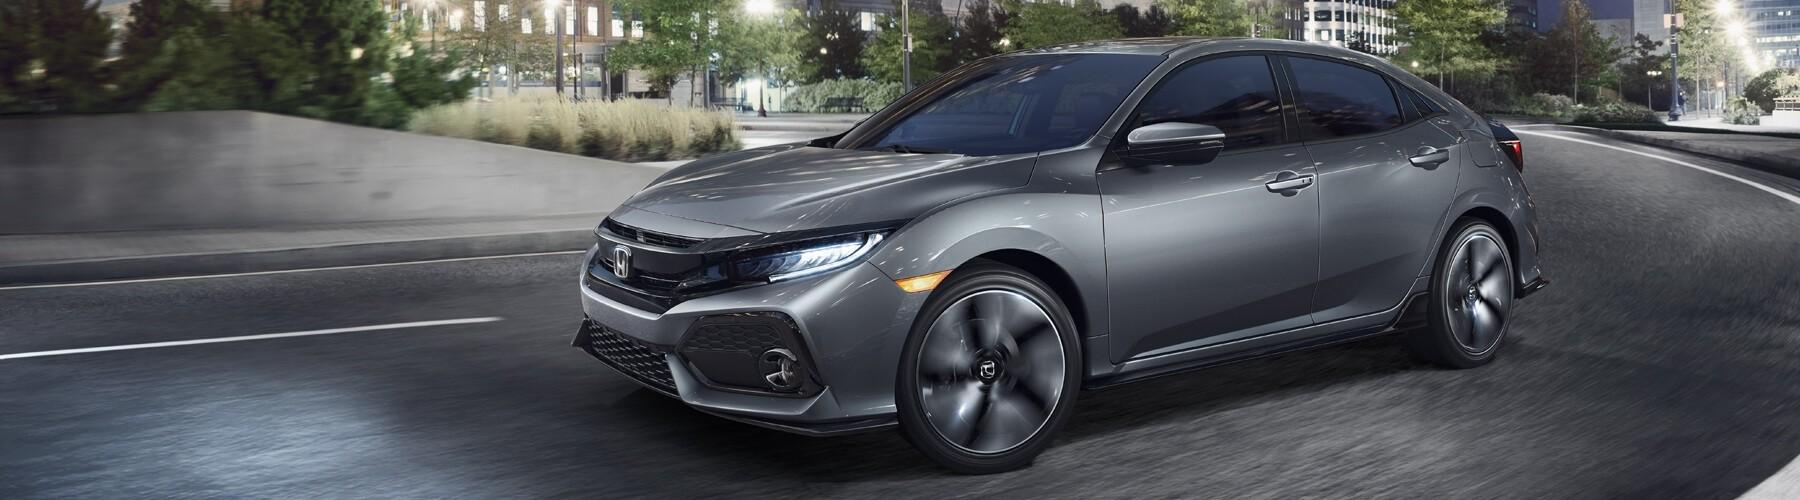 2018 Honda Civic Hatchback Banner